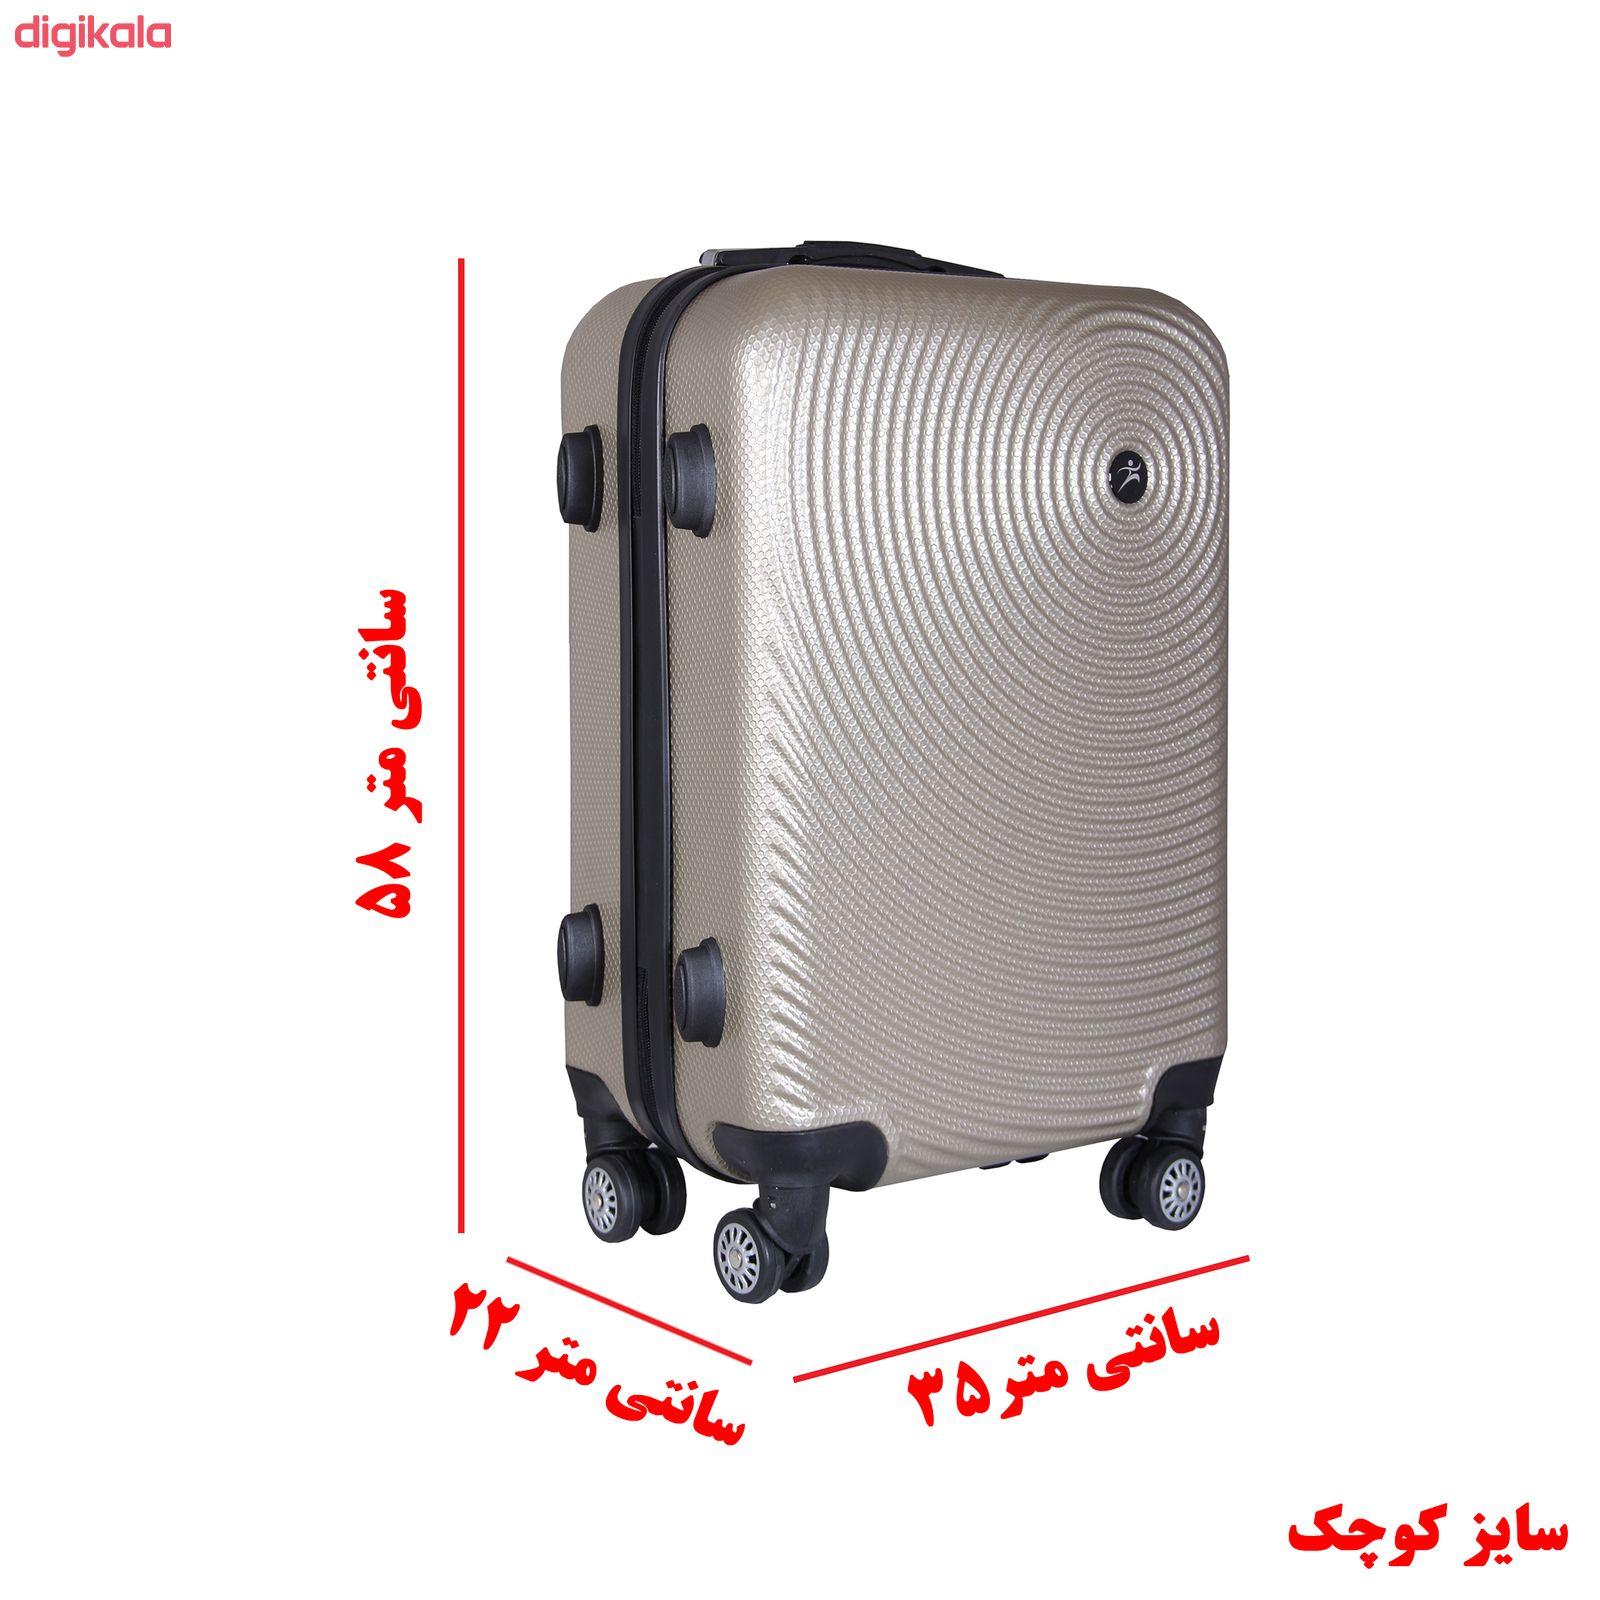 مجموعه چهار عددی چمدان اسپرت من مدل NS001 main 1 14